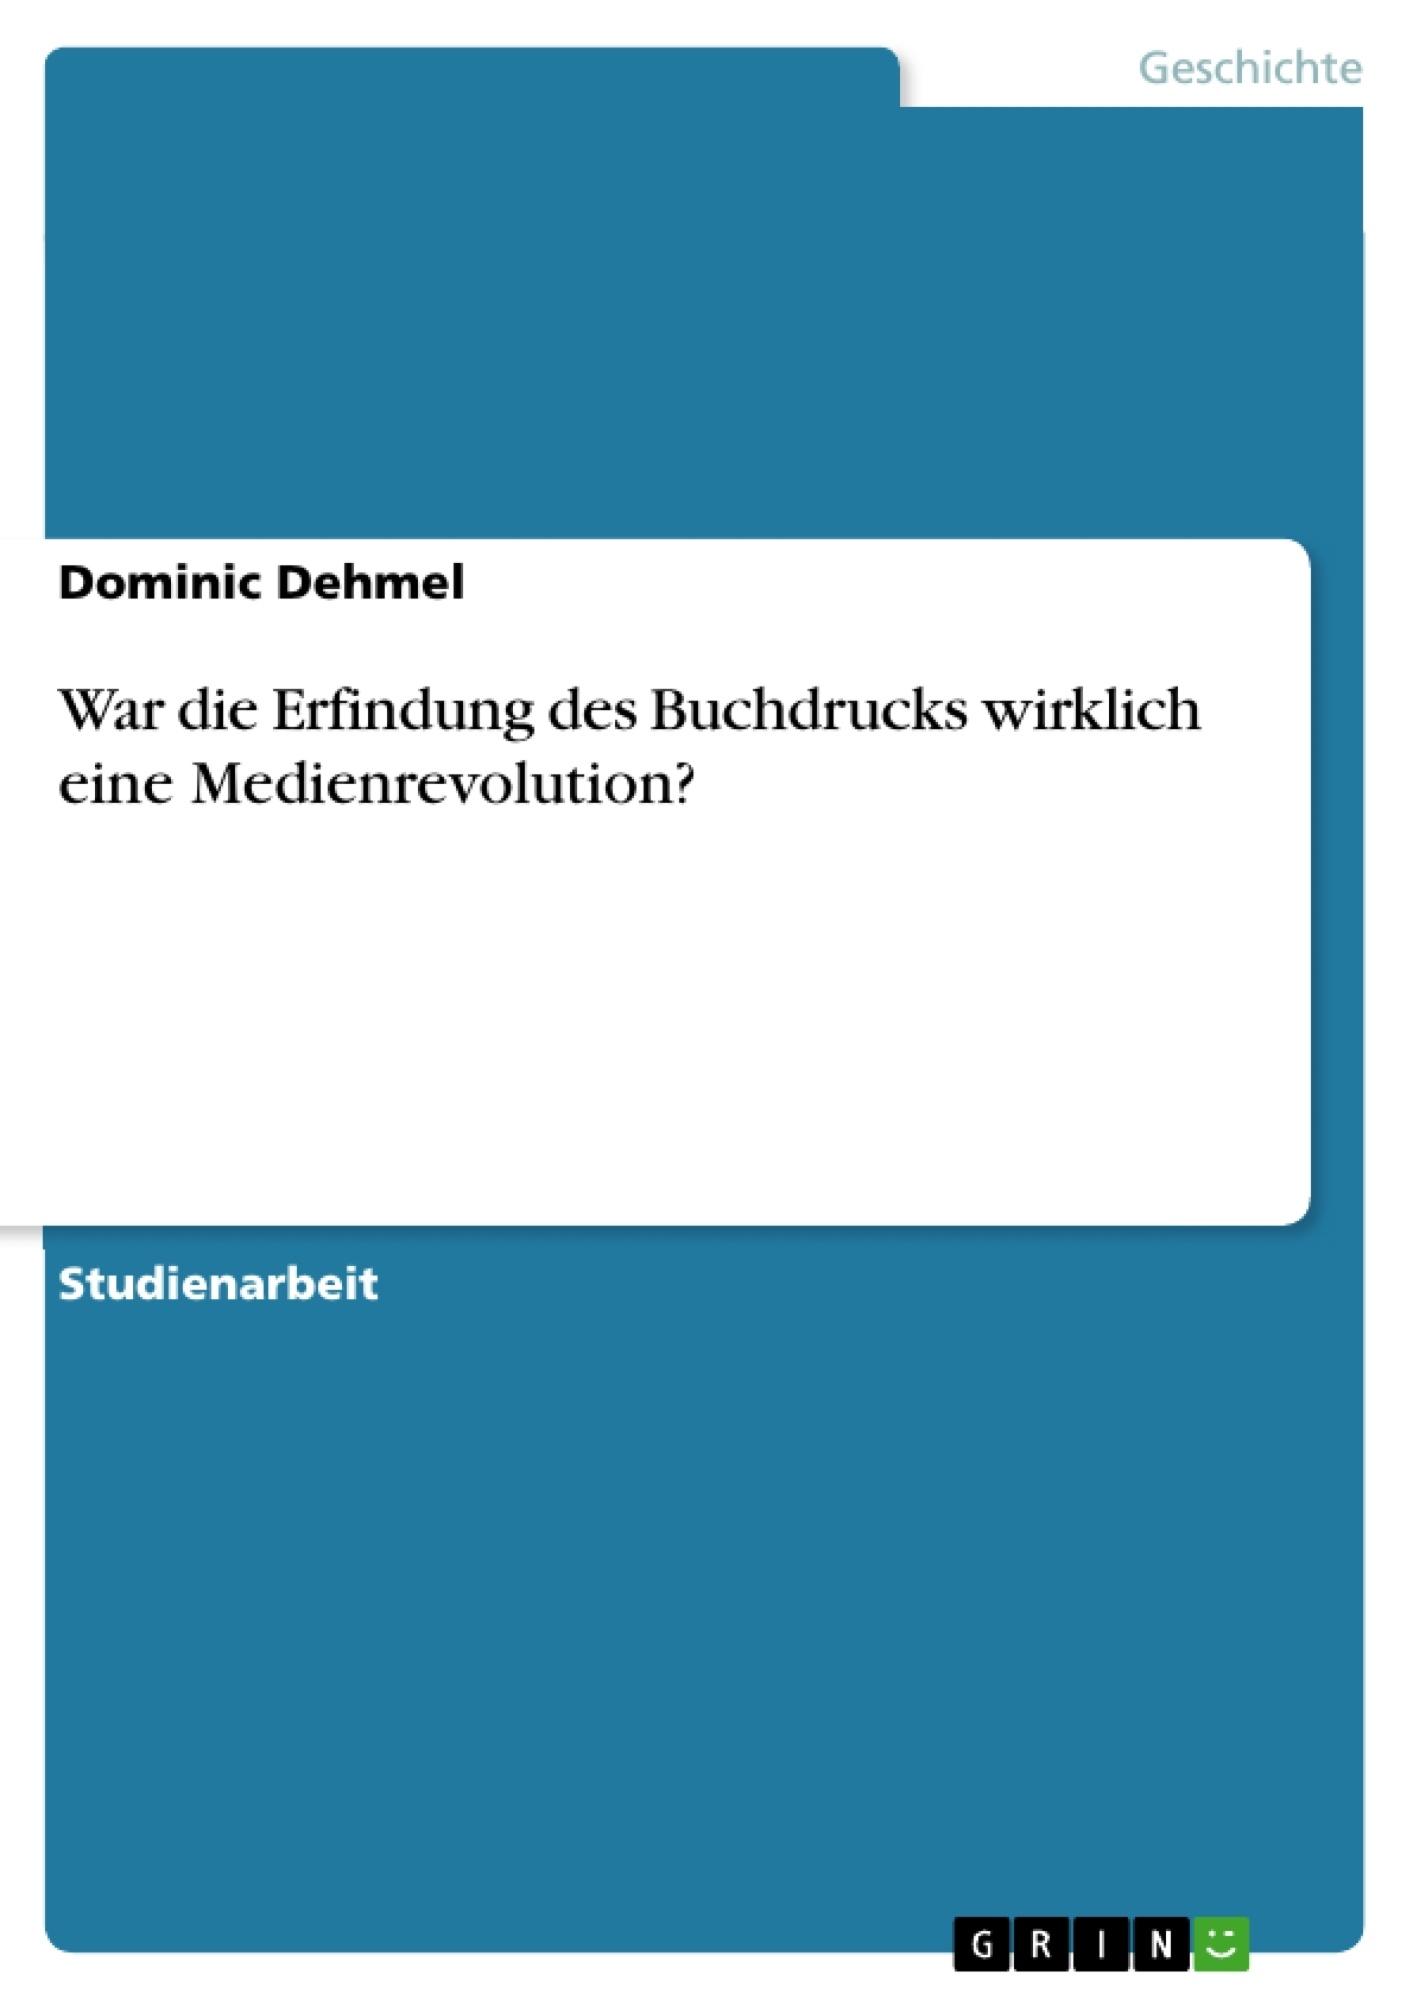 Titel: War die Erfindung des Buchdrucks wirklich eine Medienrevolution?